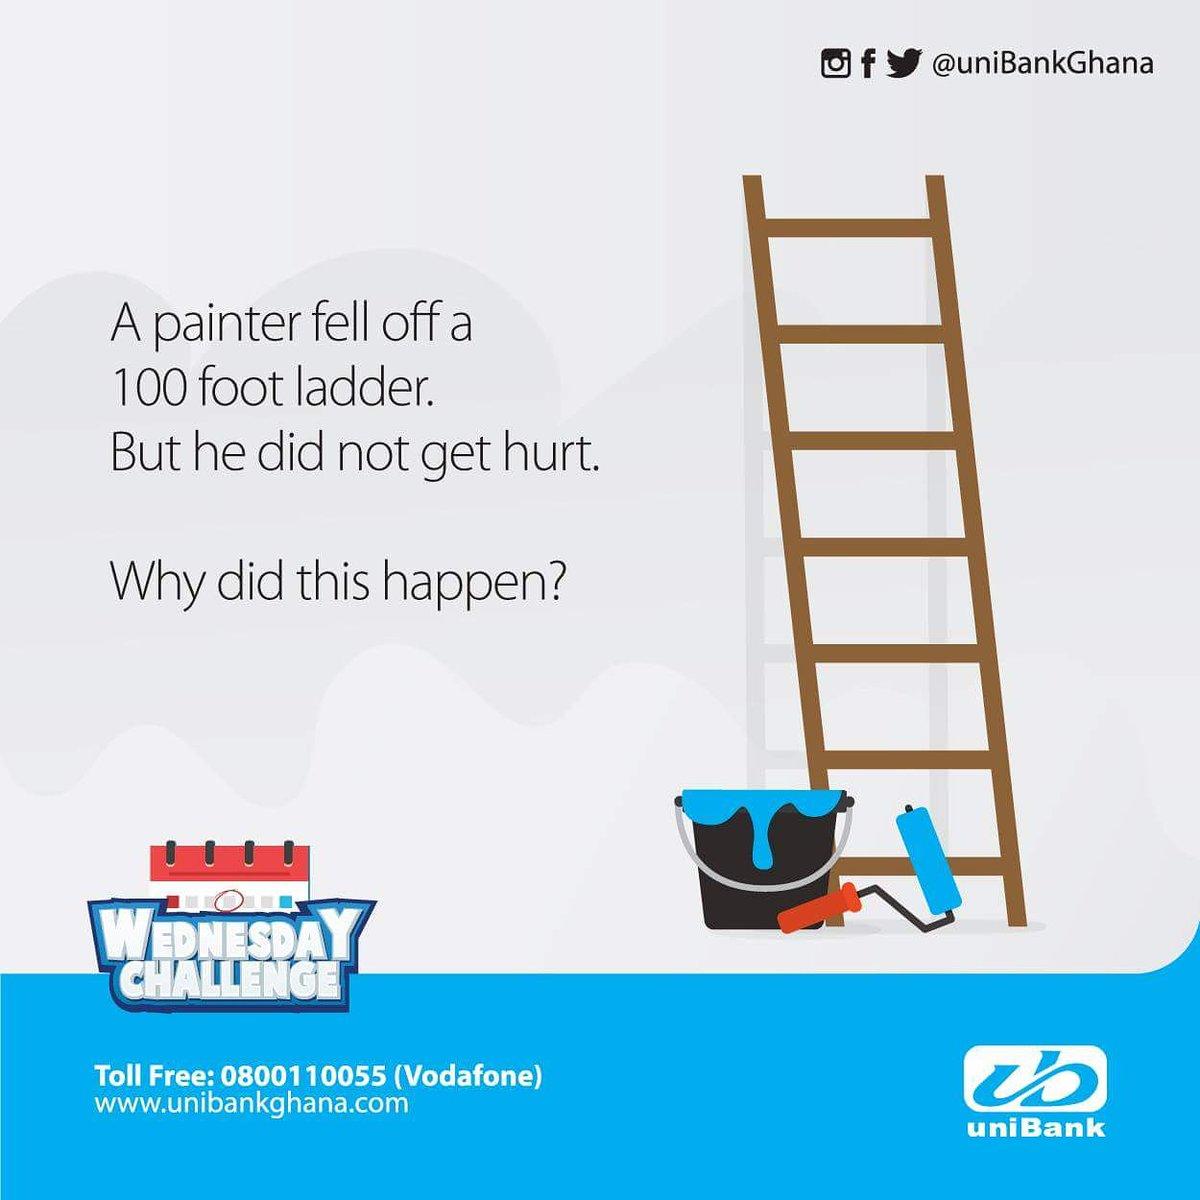 unibank ghana on twitter a painter fell off a 100 foot ladder but